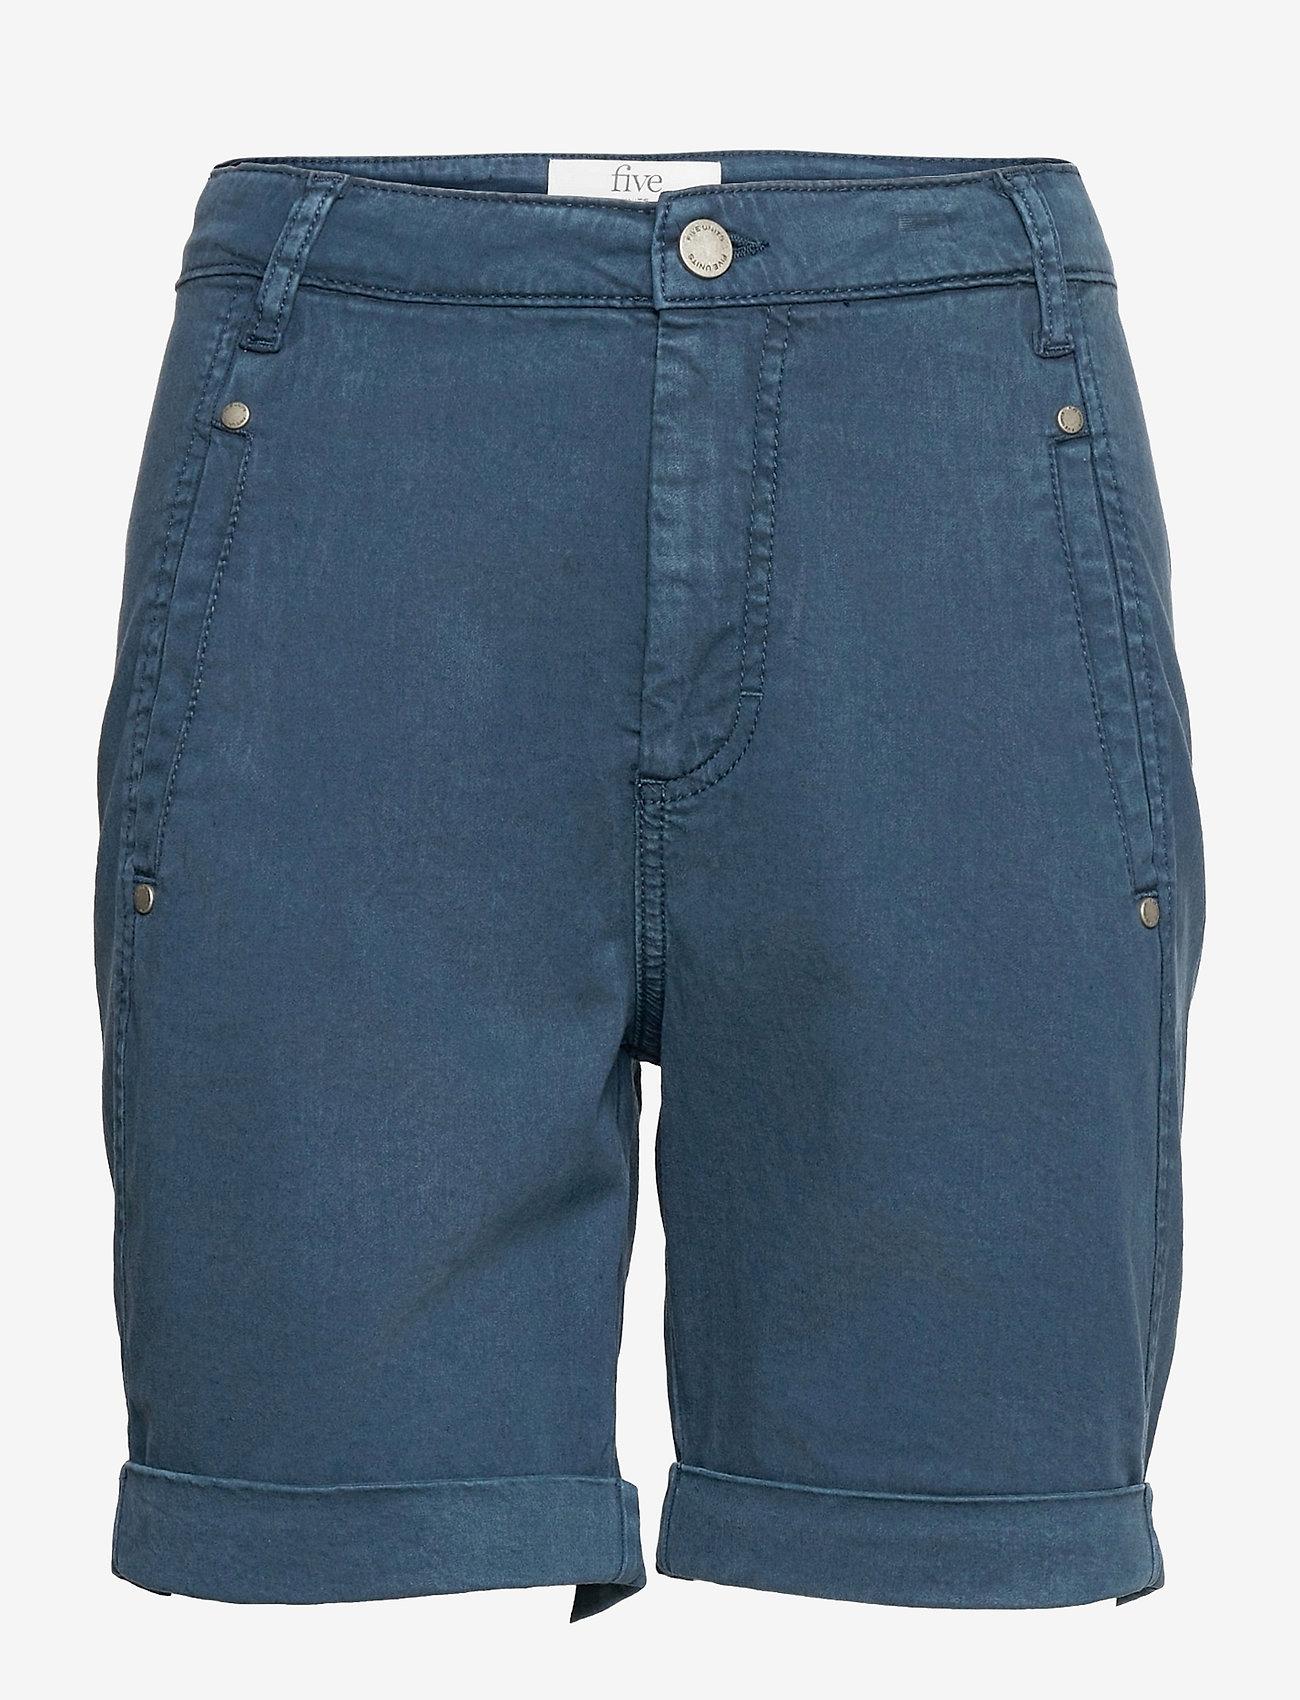 FIVEUNITS - Jolie Shorts 432 - chino shorts - ink - 0